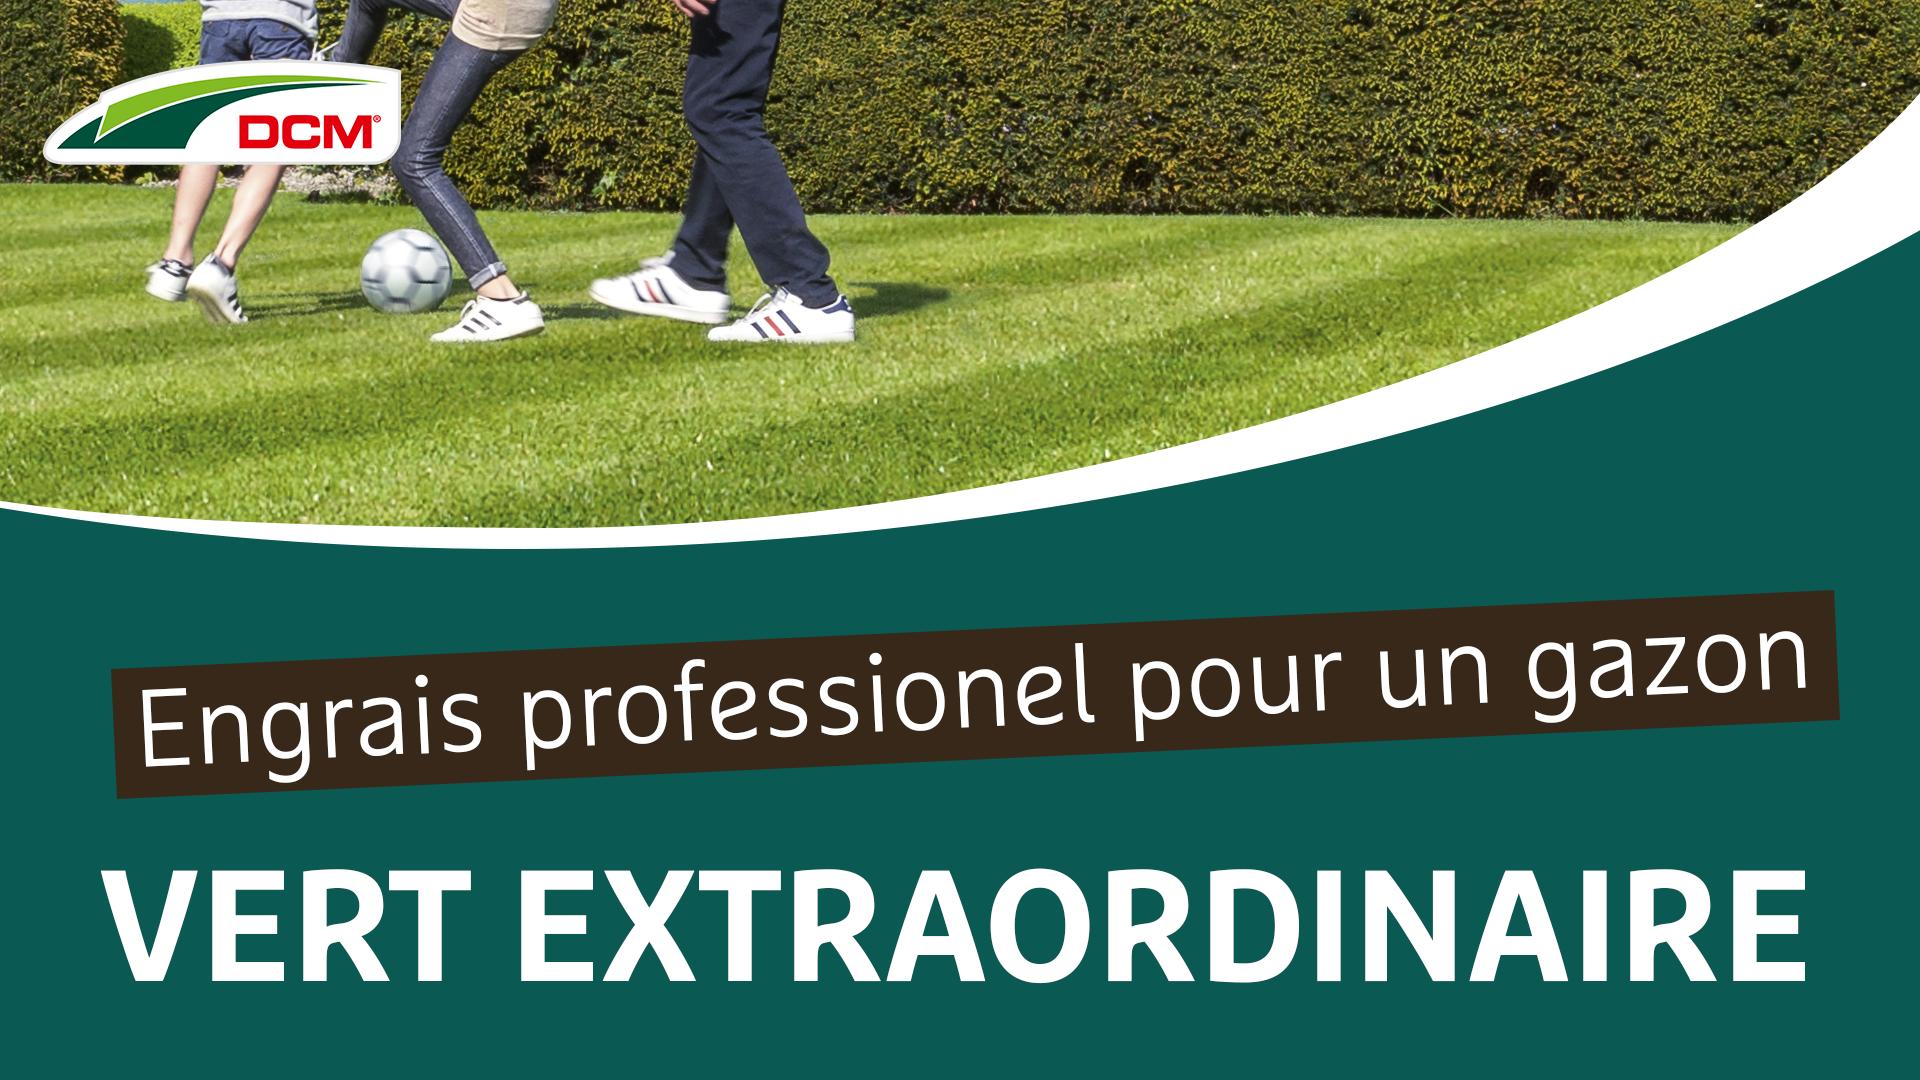 Engrais professionel pour un gazon vert extraordinaire - DCM Vital-Green Gazon